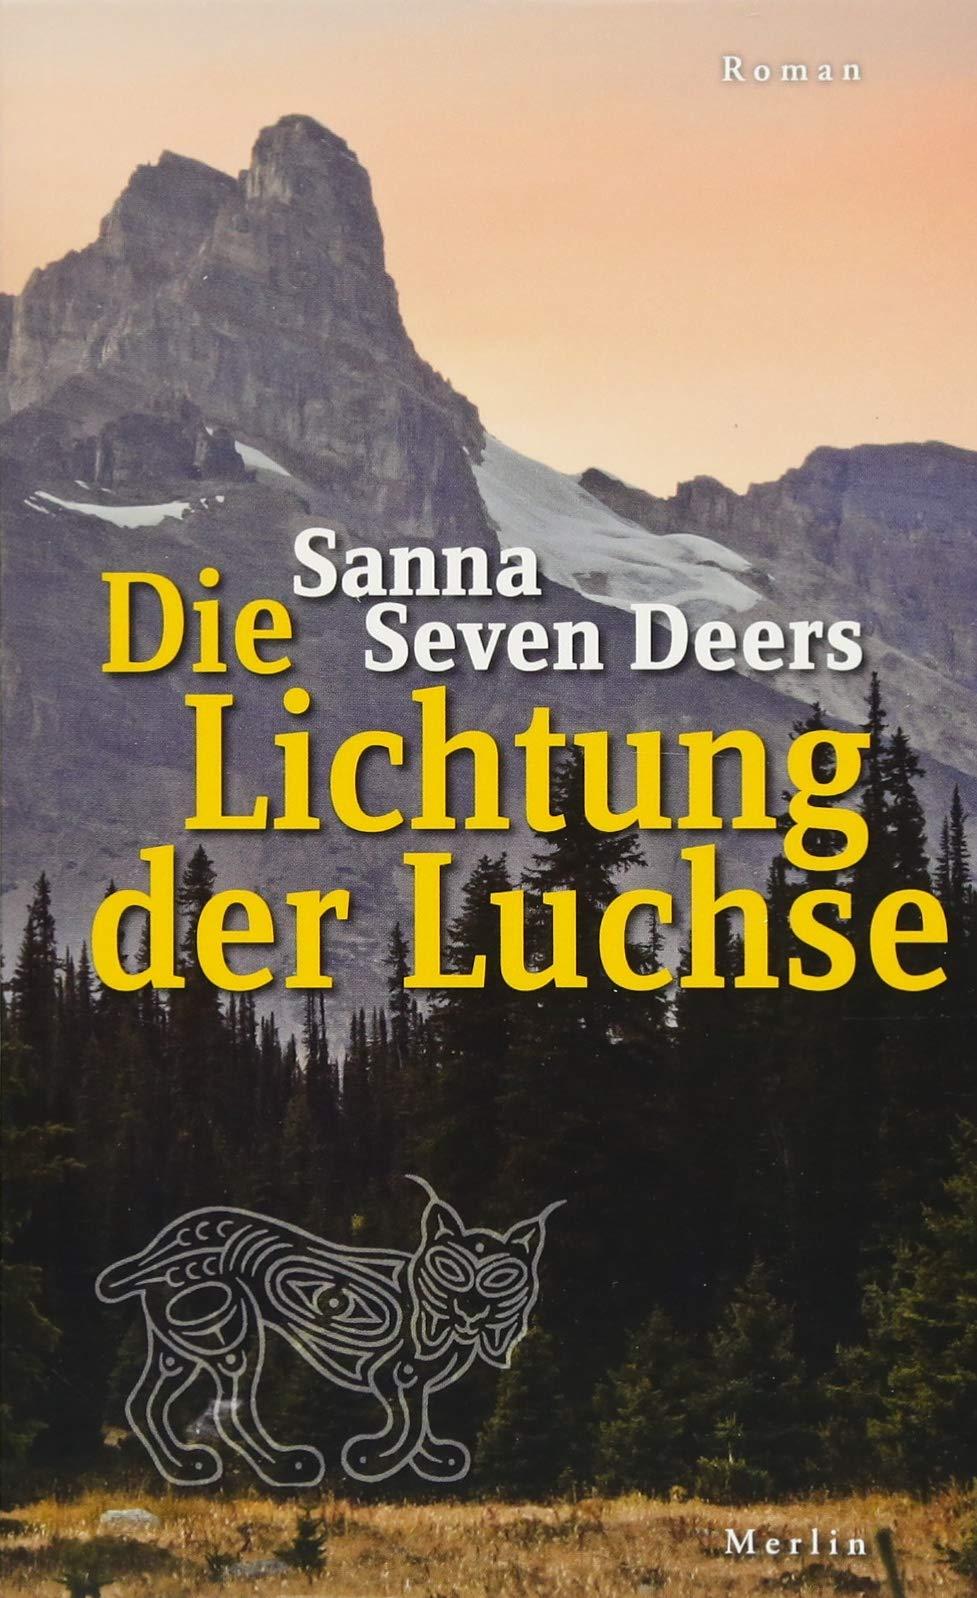 Die Lichtung der Luchse: Roman (Merlins Schmökerecke) Taschenbuch – 13. Juli 2018 Sanna Seven Deers 3875363310 Familie Kanada; Romane/Erzählungen